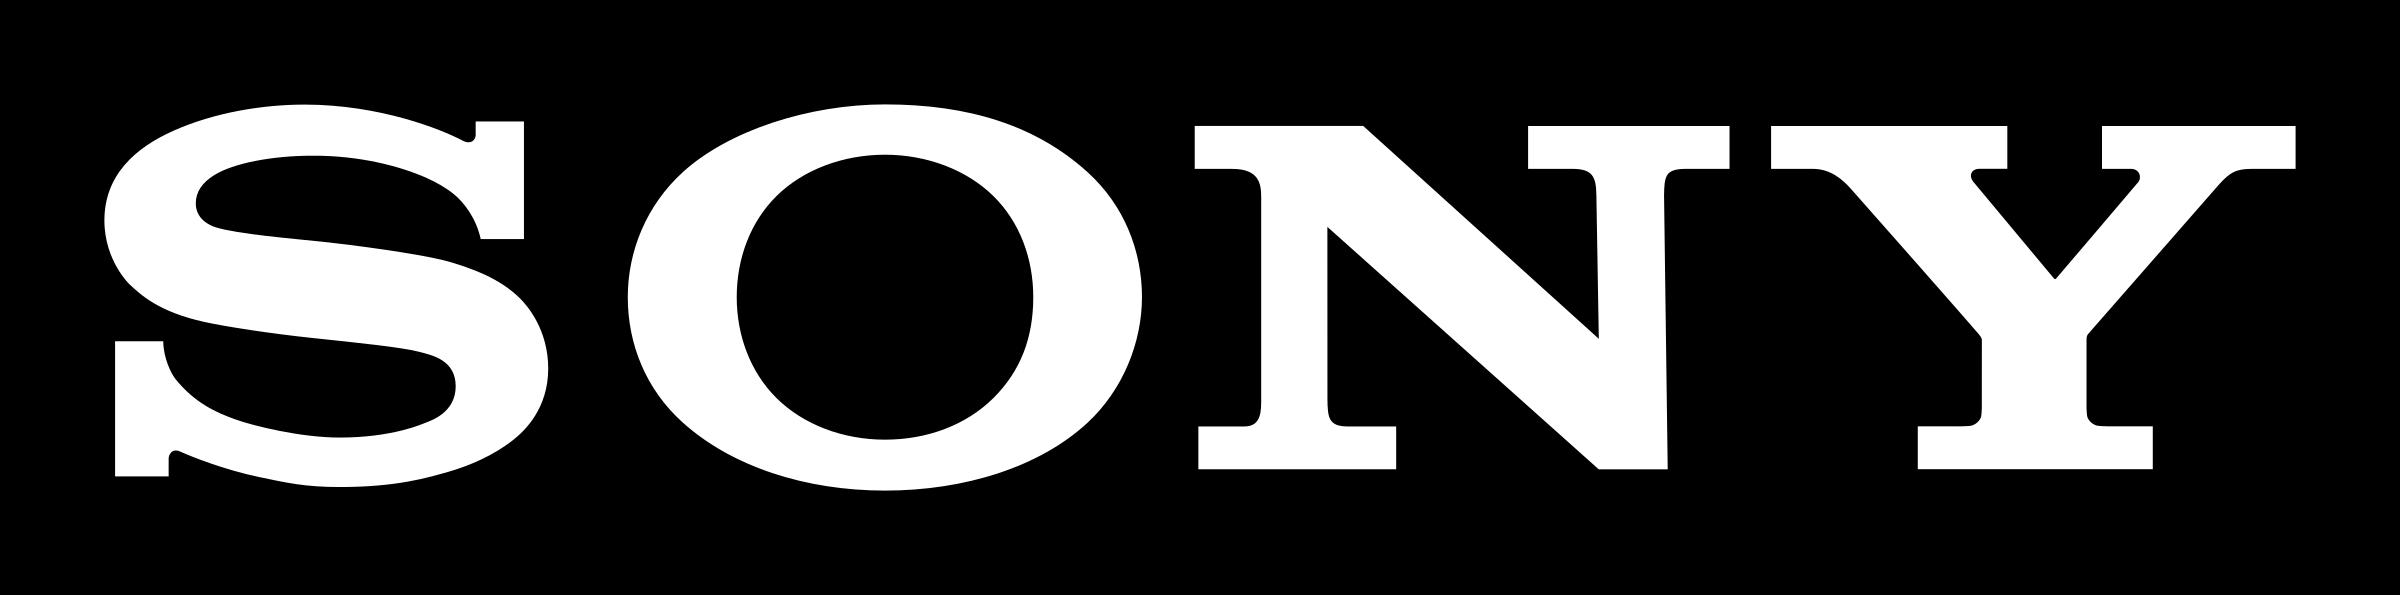 sony logo with background